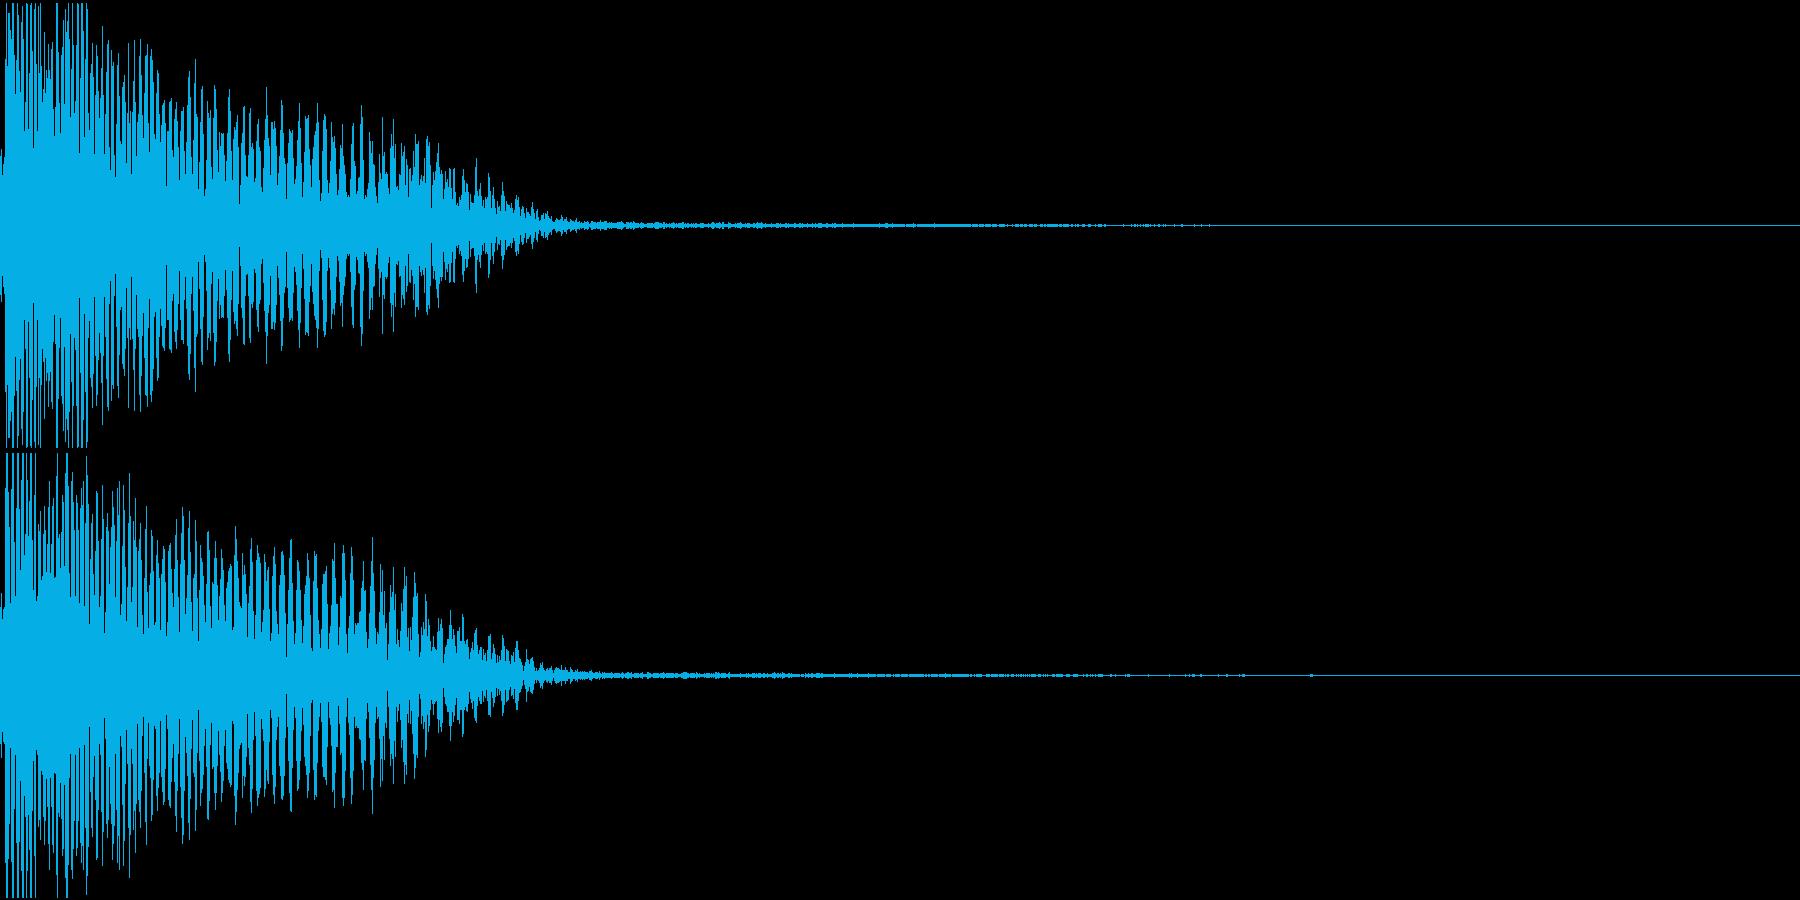 InvaderBuzz 発砲音 25の再生済みの波形